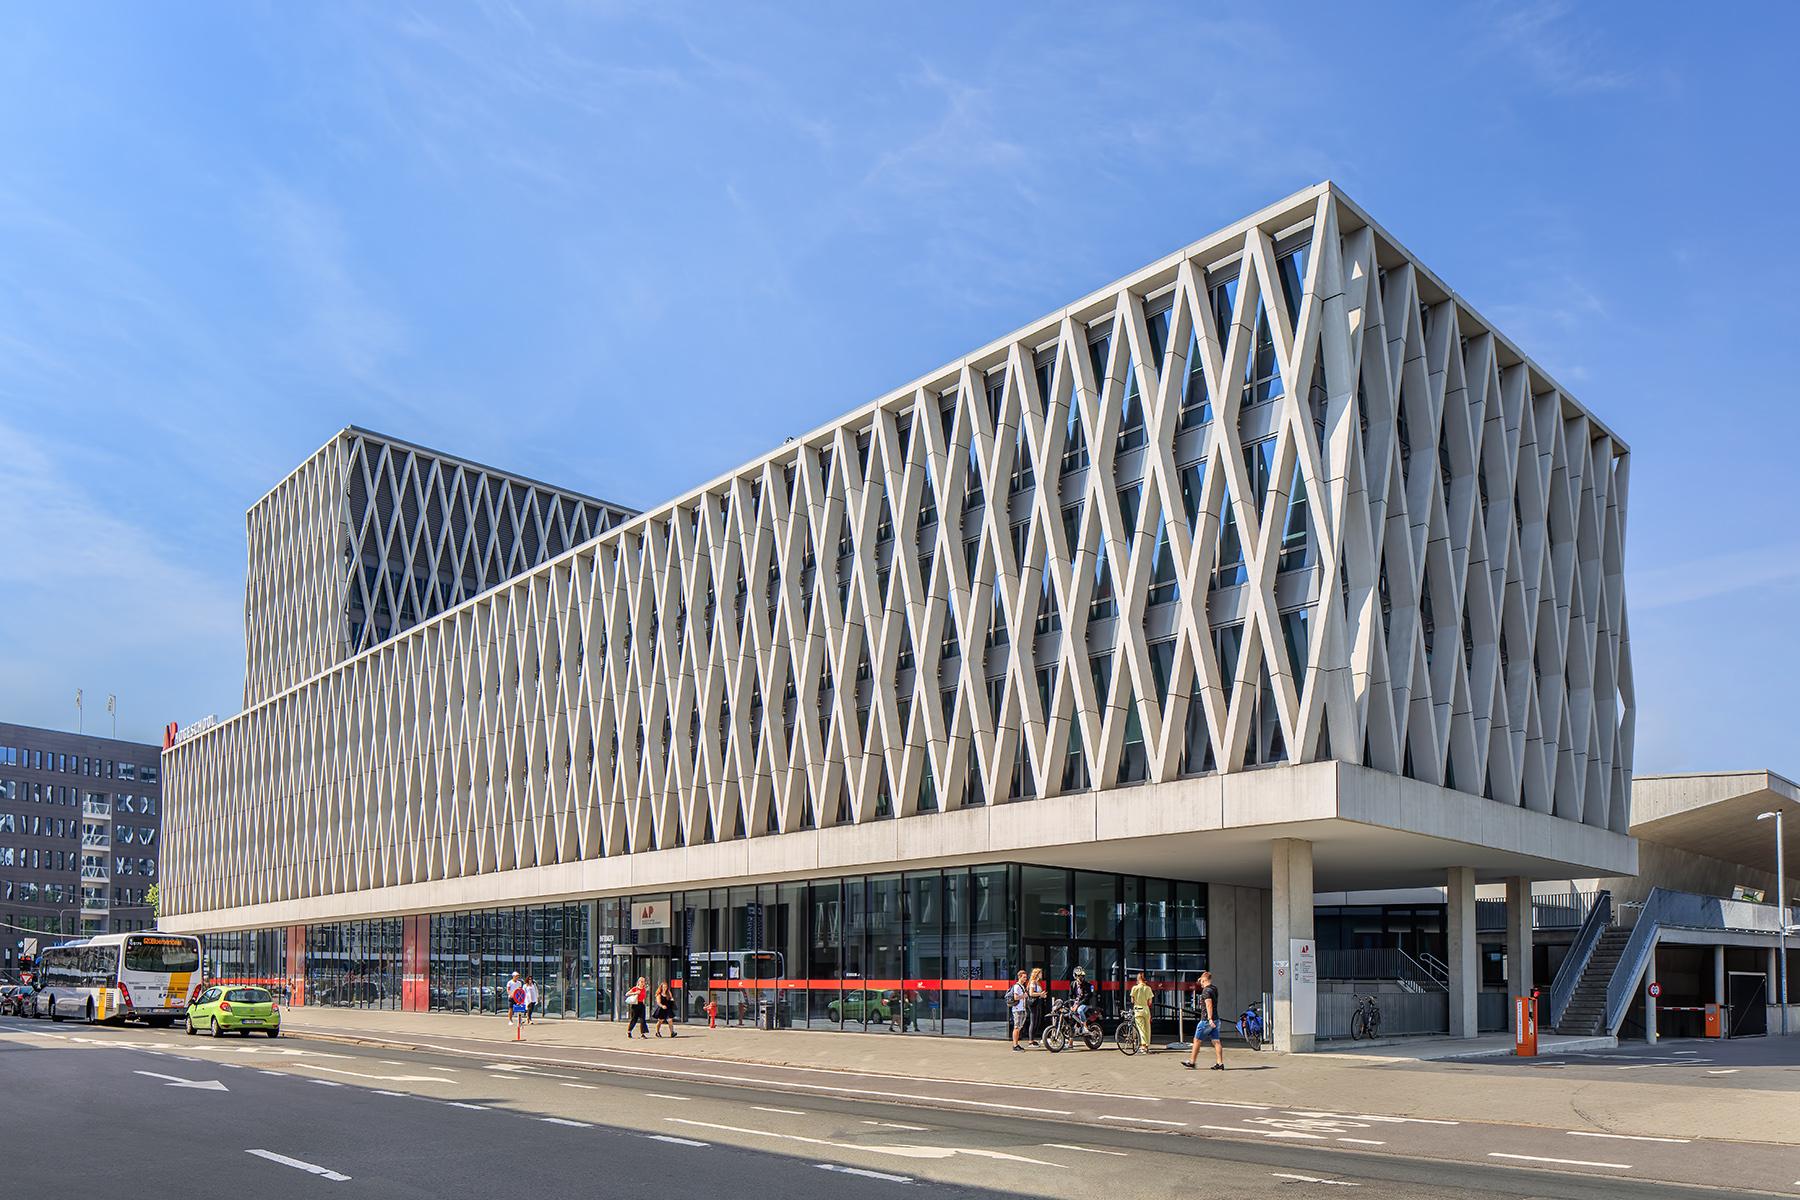 AP, a university in Antwerp